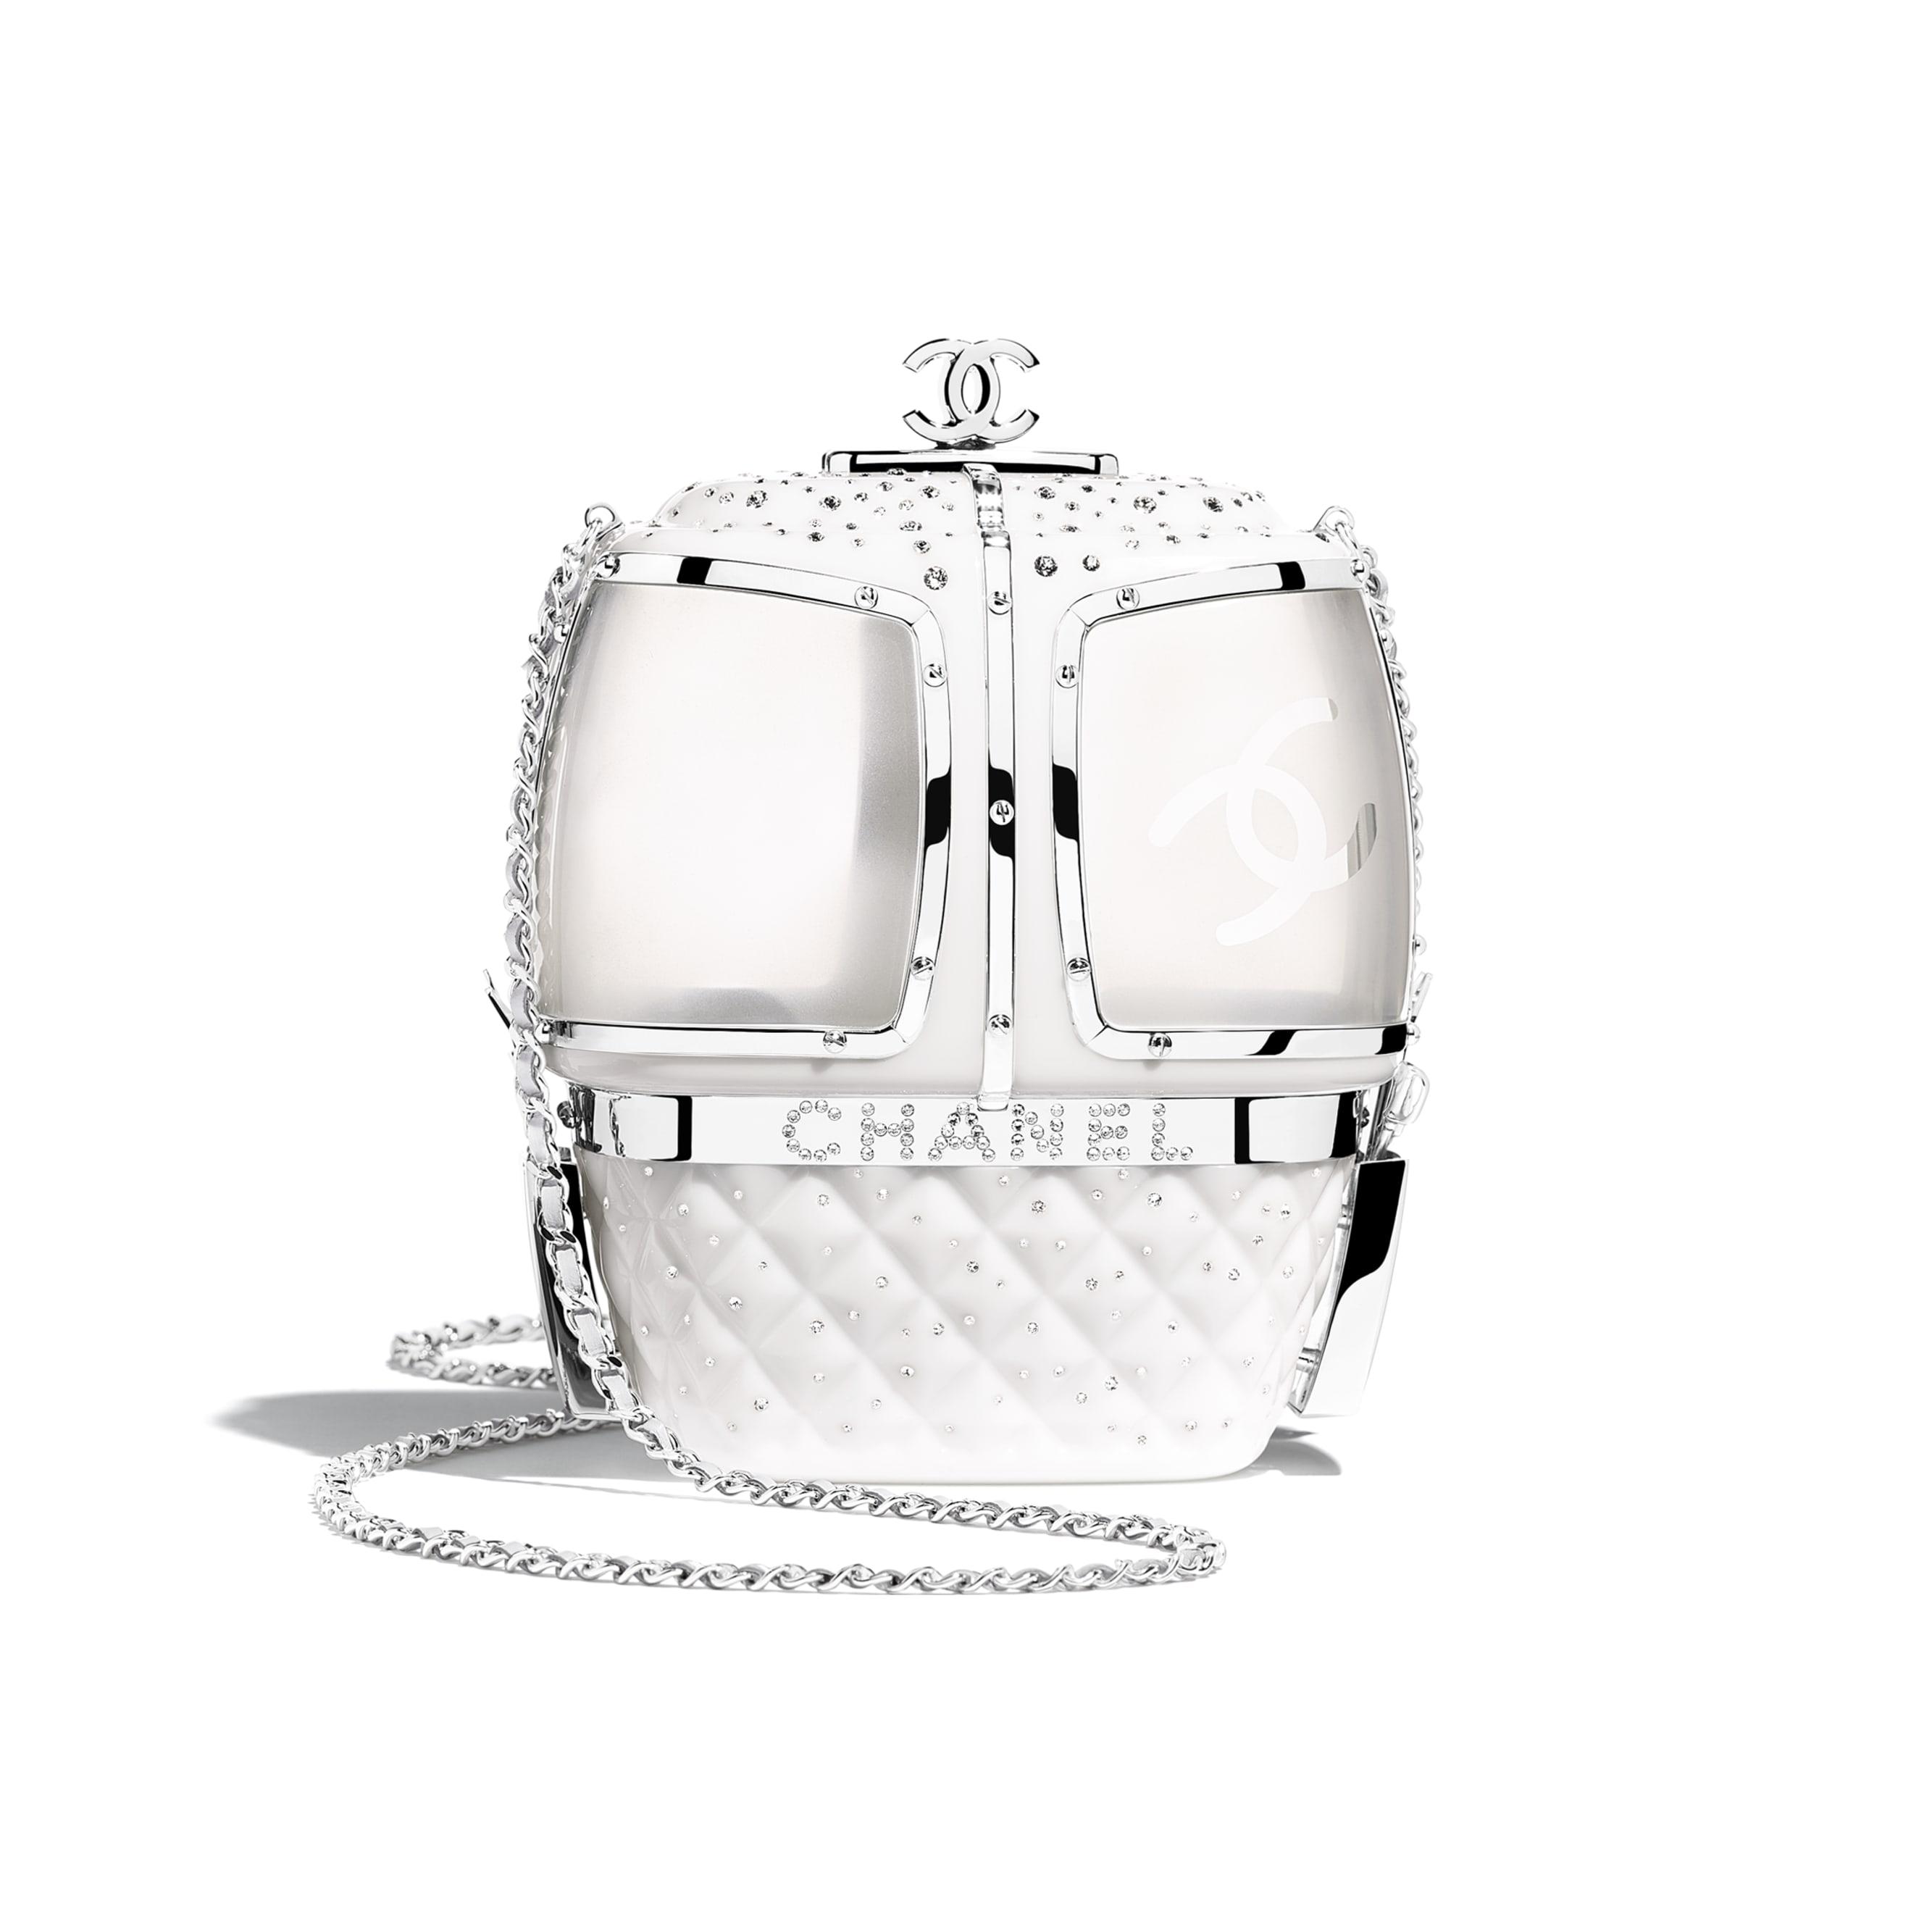 Вечерняя сумка - Белый - Смола, стразы и серебристый металл - Альтернативный вид - посмотреть изображение стандартного размера